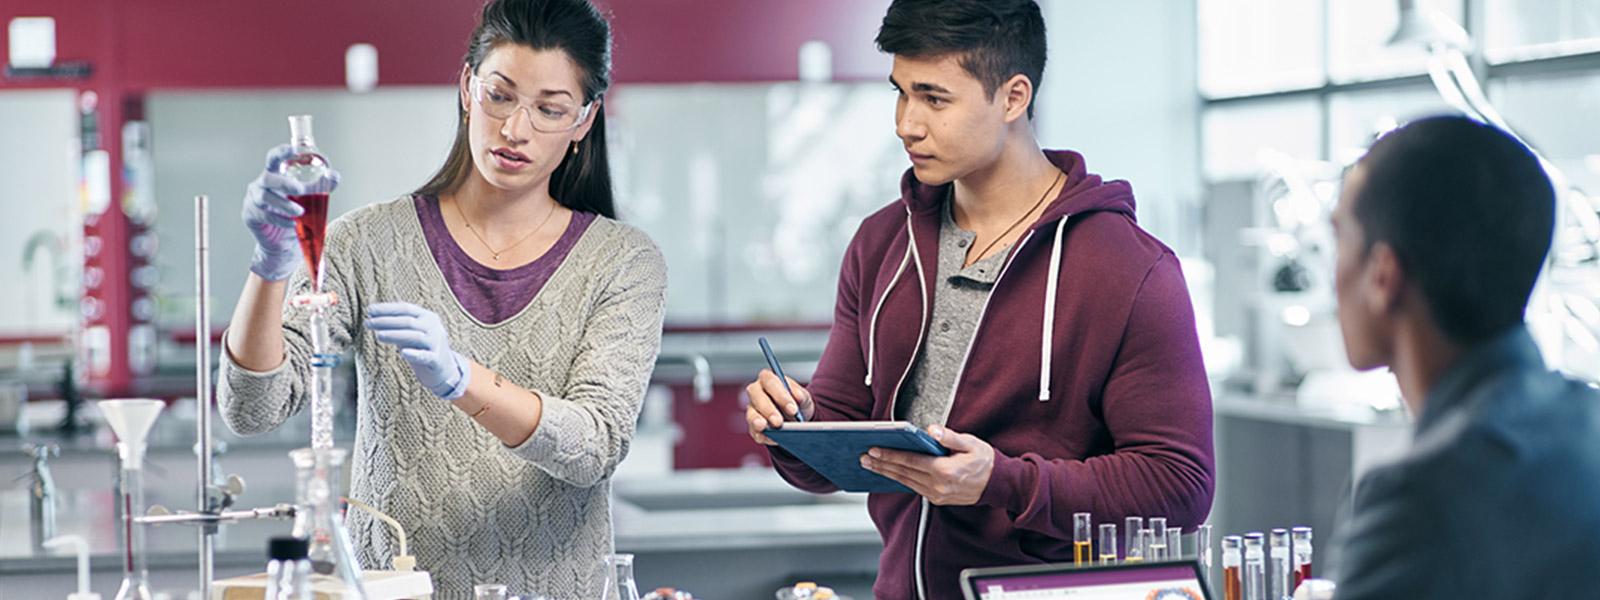 實驗室裡有三名學生,一位以平板電腦模式使用 Surface Pro 4,一位則是使用手提電腦模式。